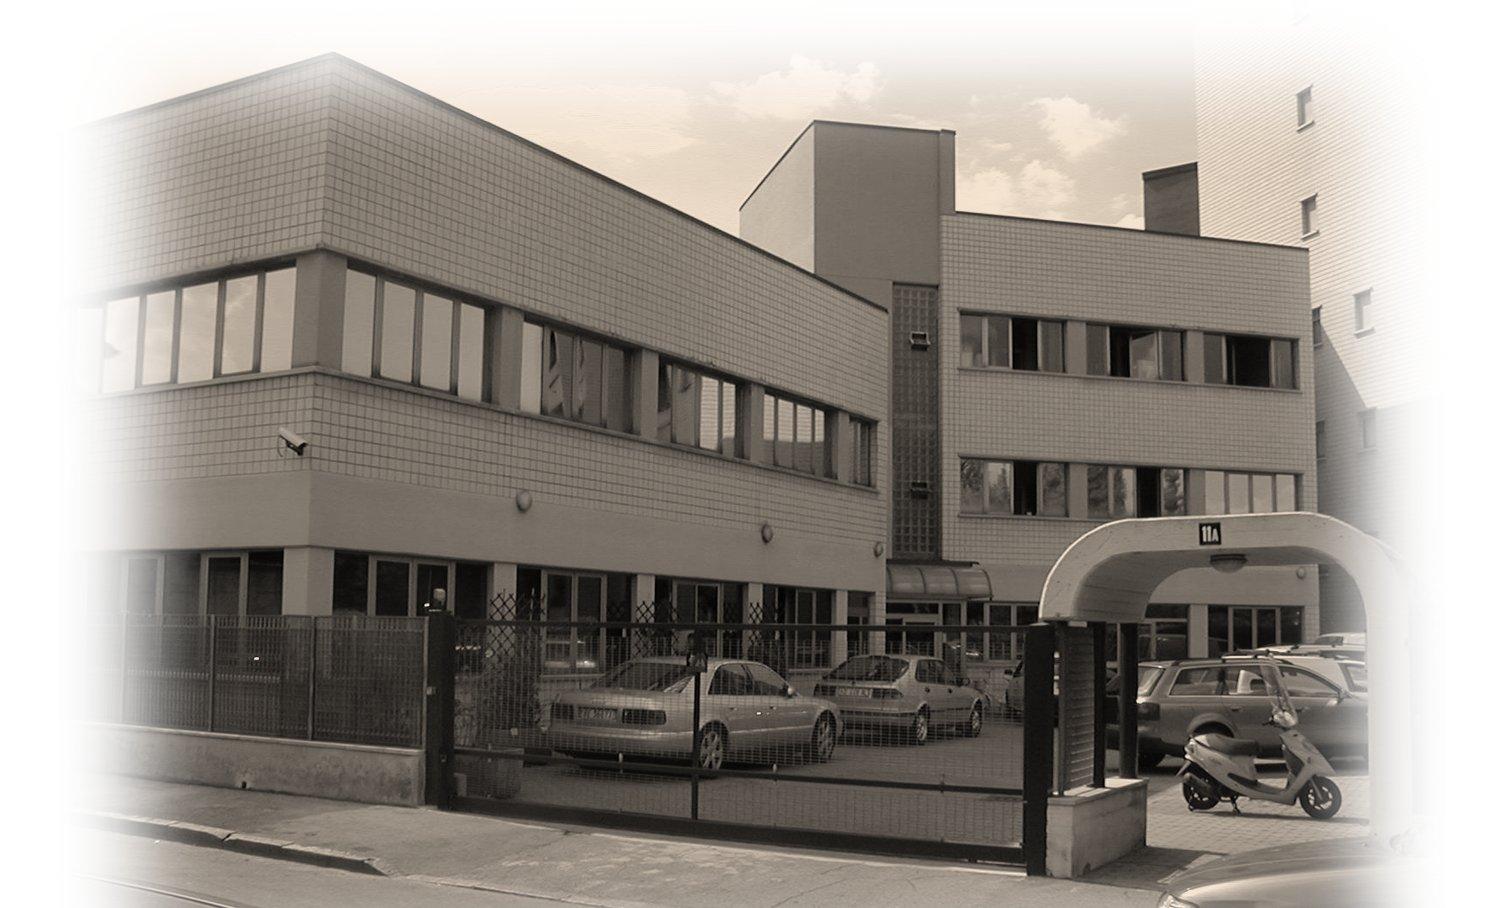 sede mitan 1985 2019